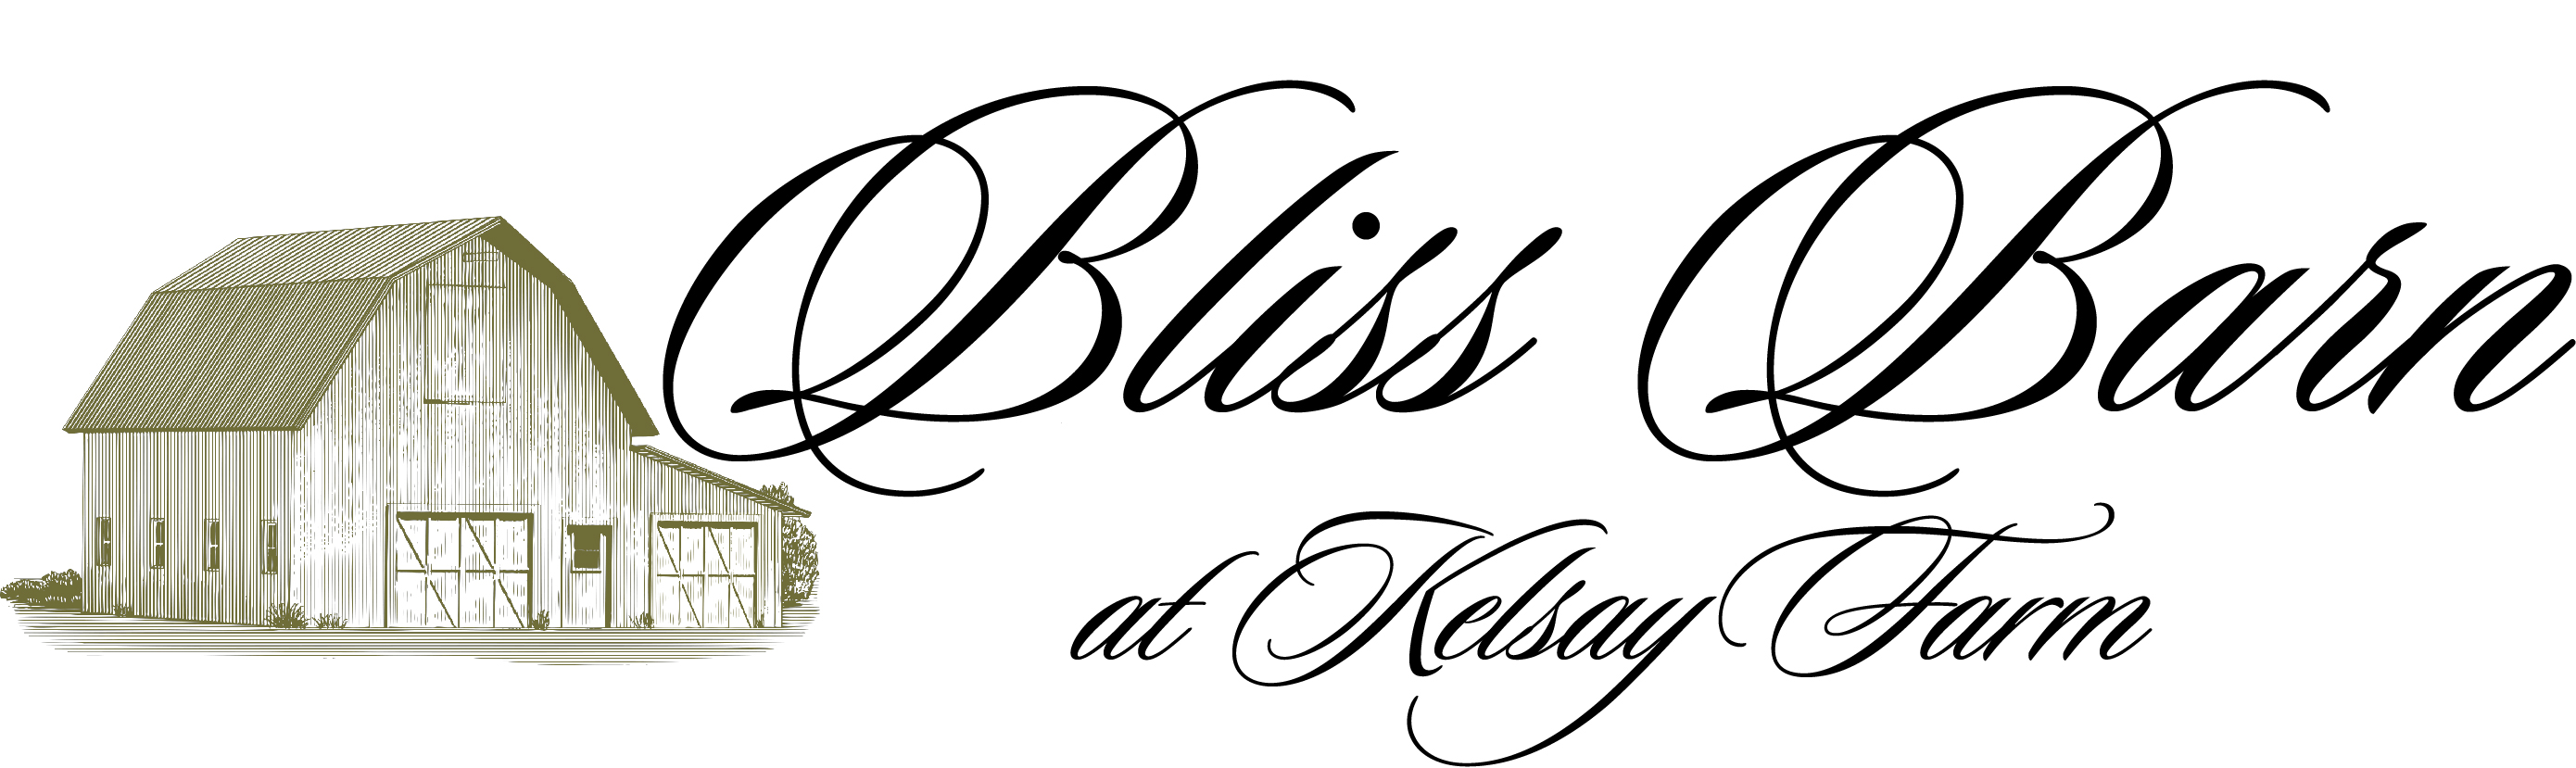 Bliss Barn, Bliss Woods, Bliss Garden U0026 Bliss House